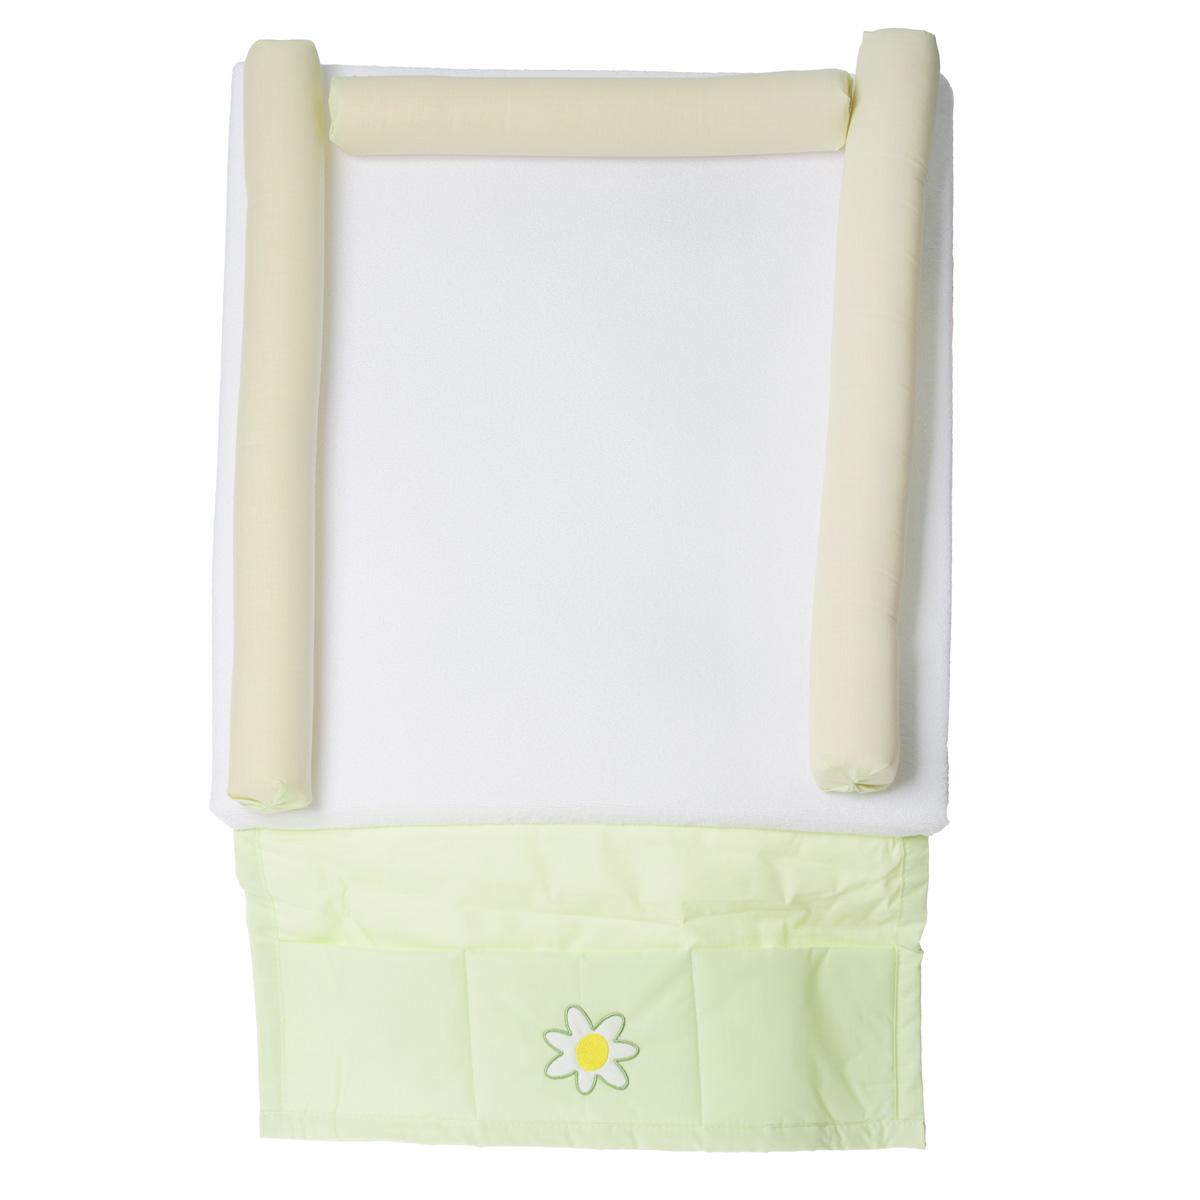 Доска пеленальная Fairy На лугу, мягкая, с карманом, цвет: белый, салатовый fairy доска пеленальная жирафик